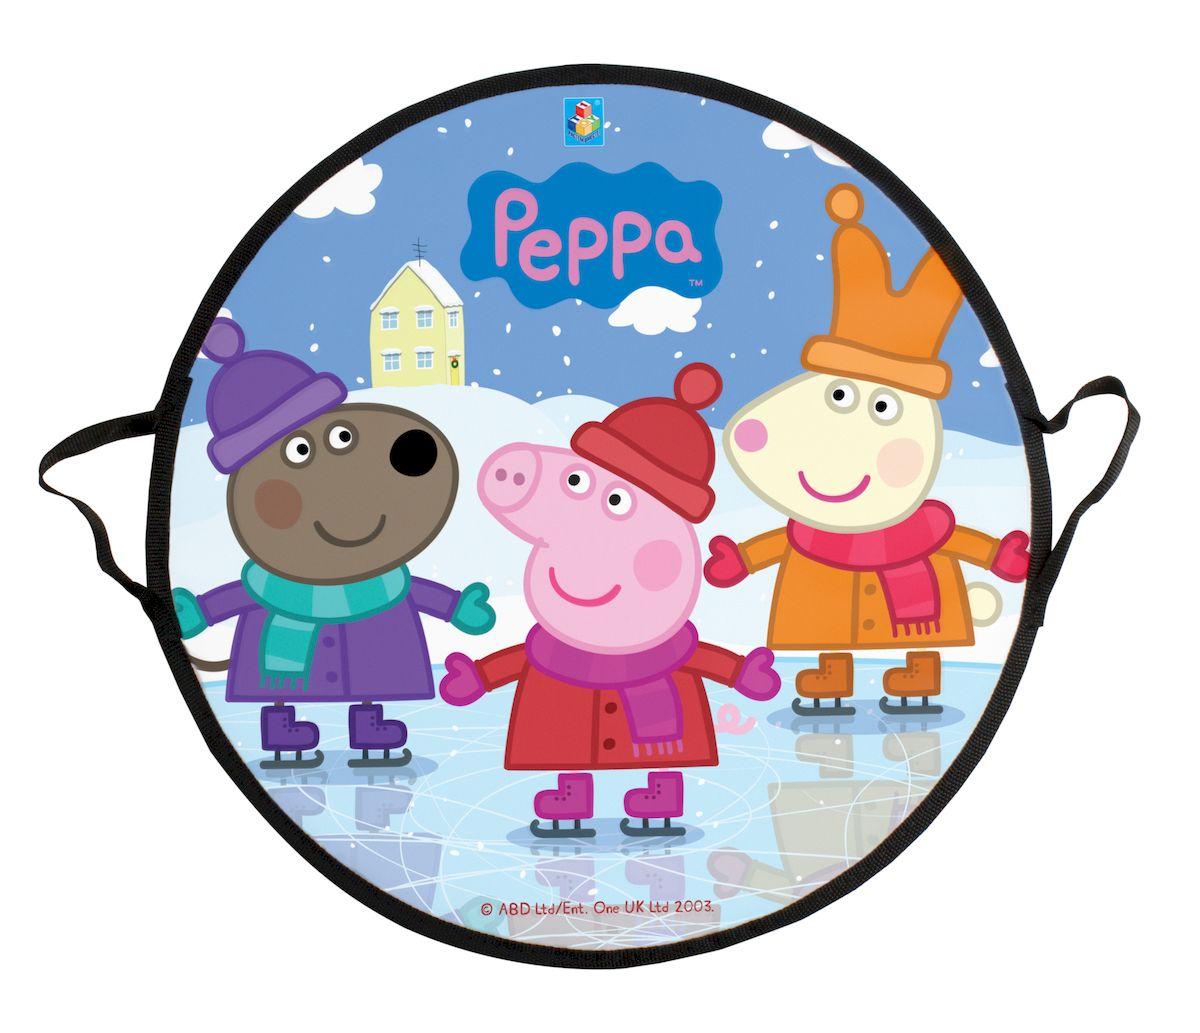 Ледянка 1toy Peppa, 52 см296Круглая ледянка 1toy Peppa подойдет для любителей зимних спортивных развлечений. Выполнена из ПВХ.Ледянка имеет 2 ручки для удобства. На лицевой стороне имеется изображение с героями любимого мультфильма.